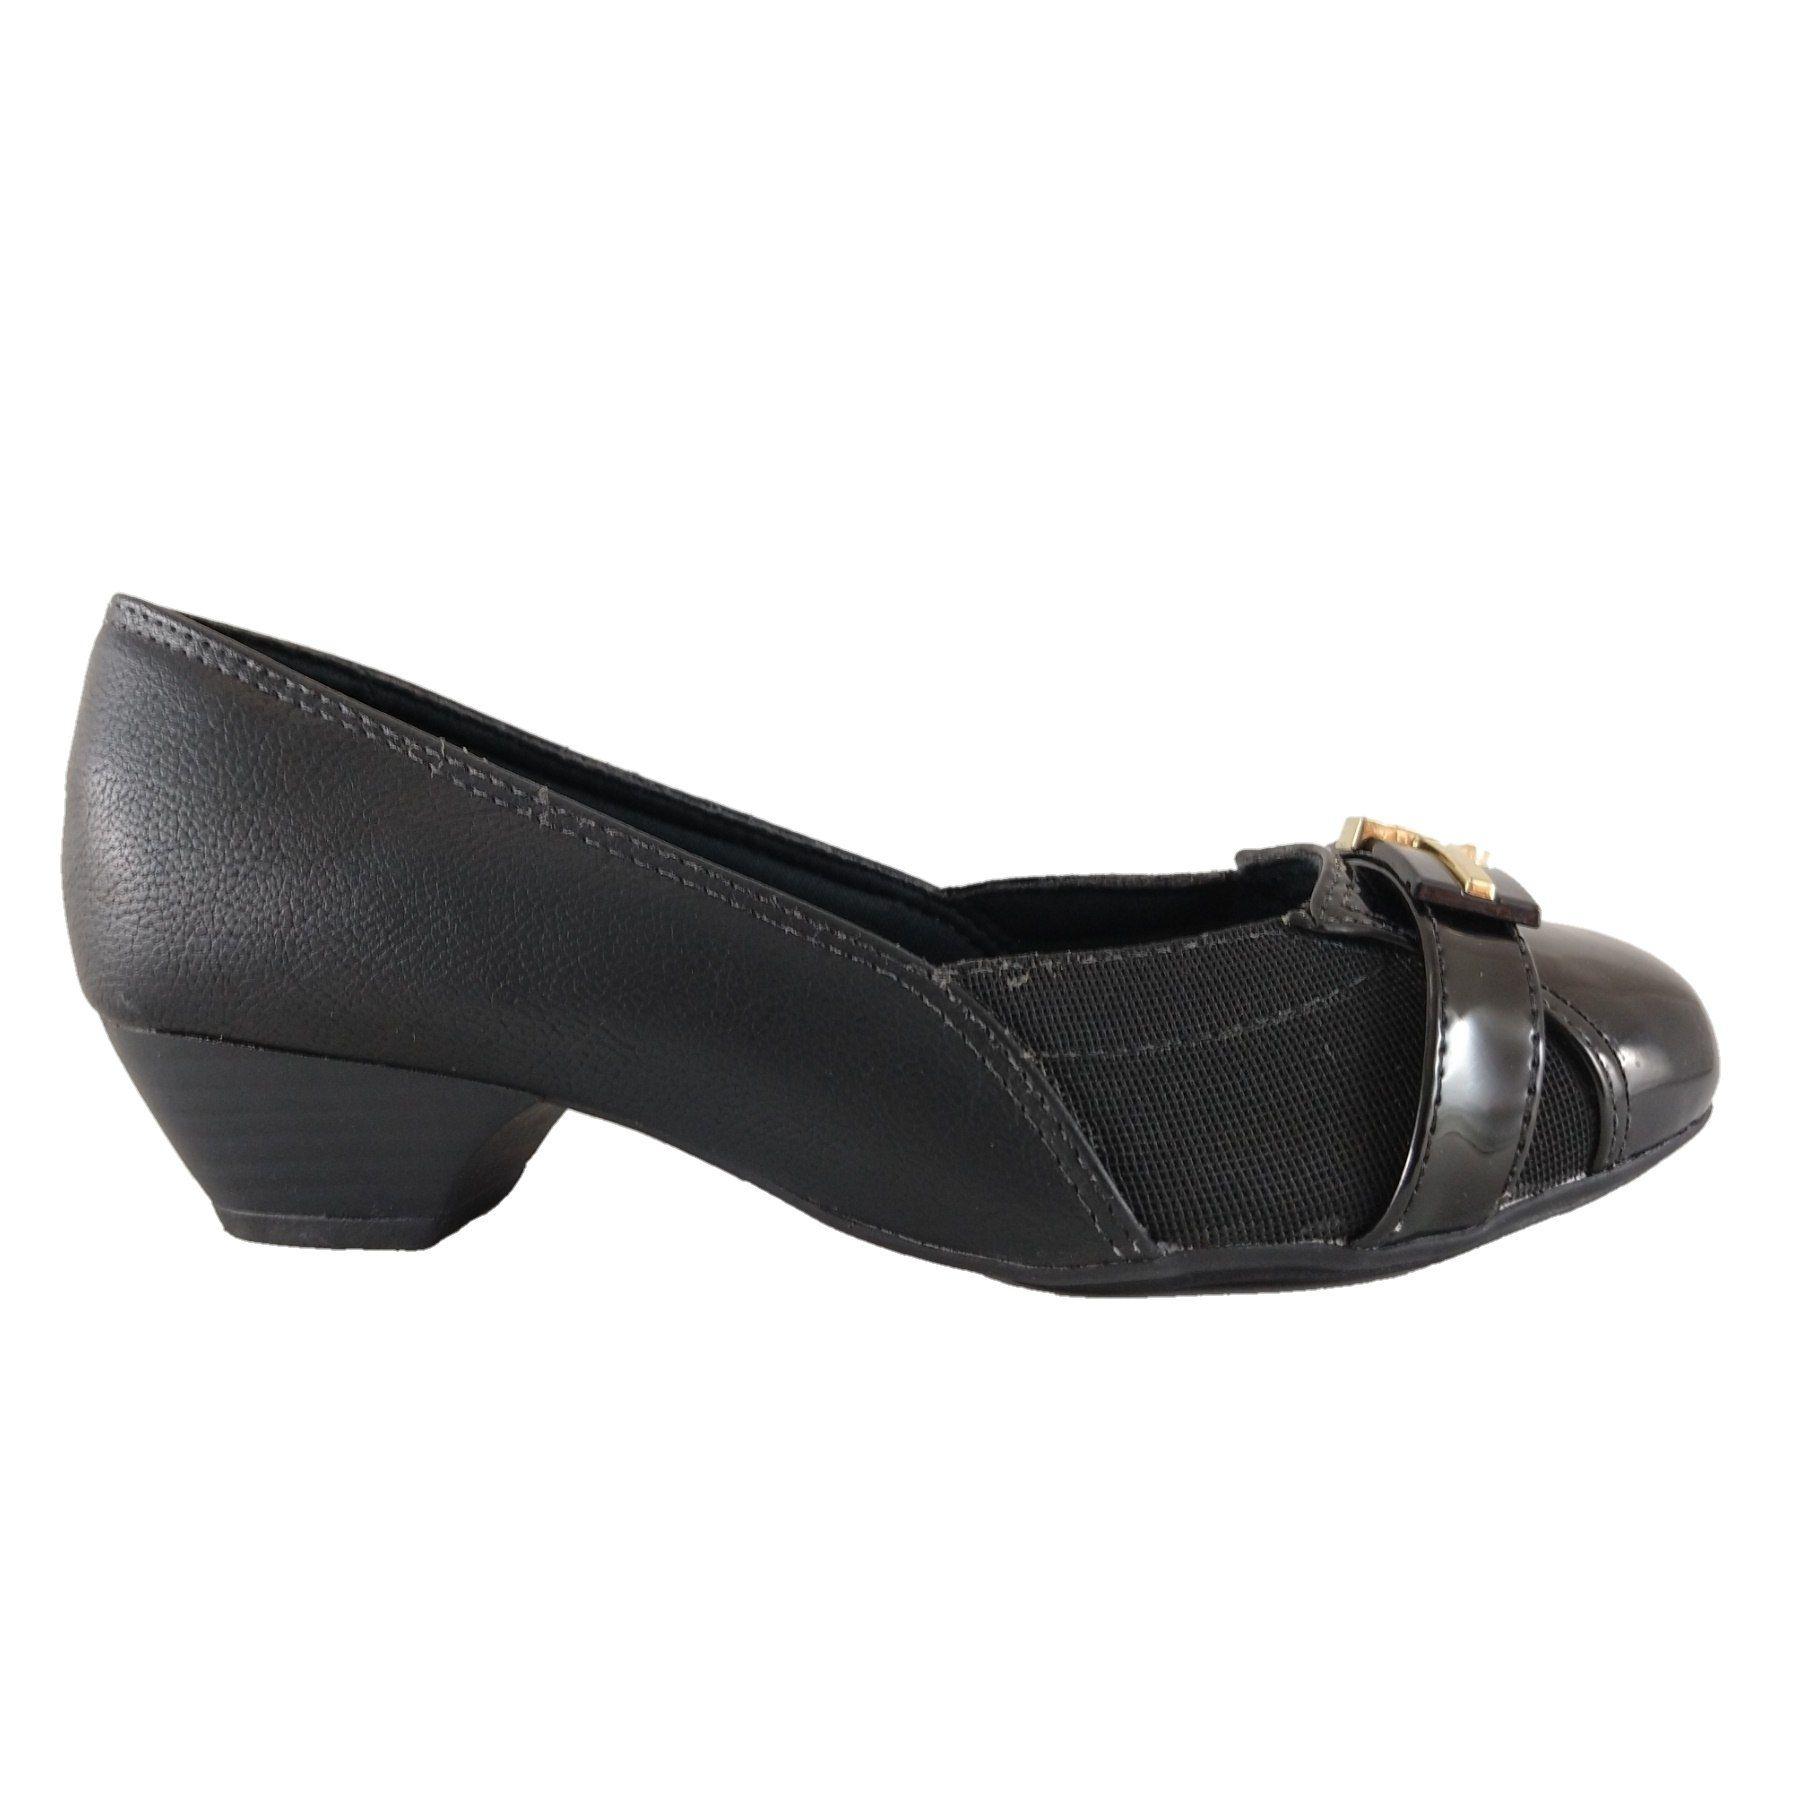 Sapato Scarpin SapatoWeb Confort Preto  - SAPATOWEB.COM